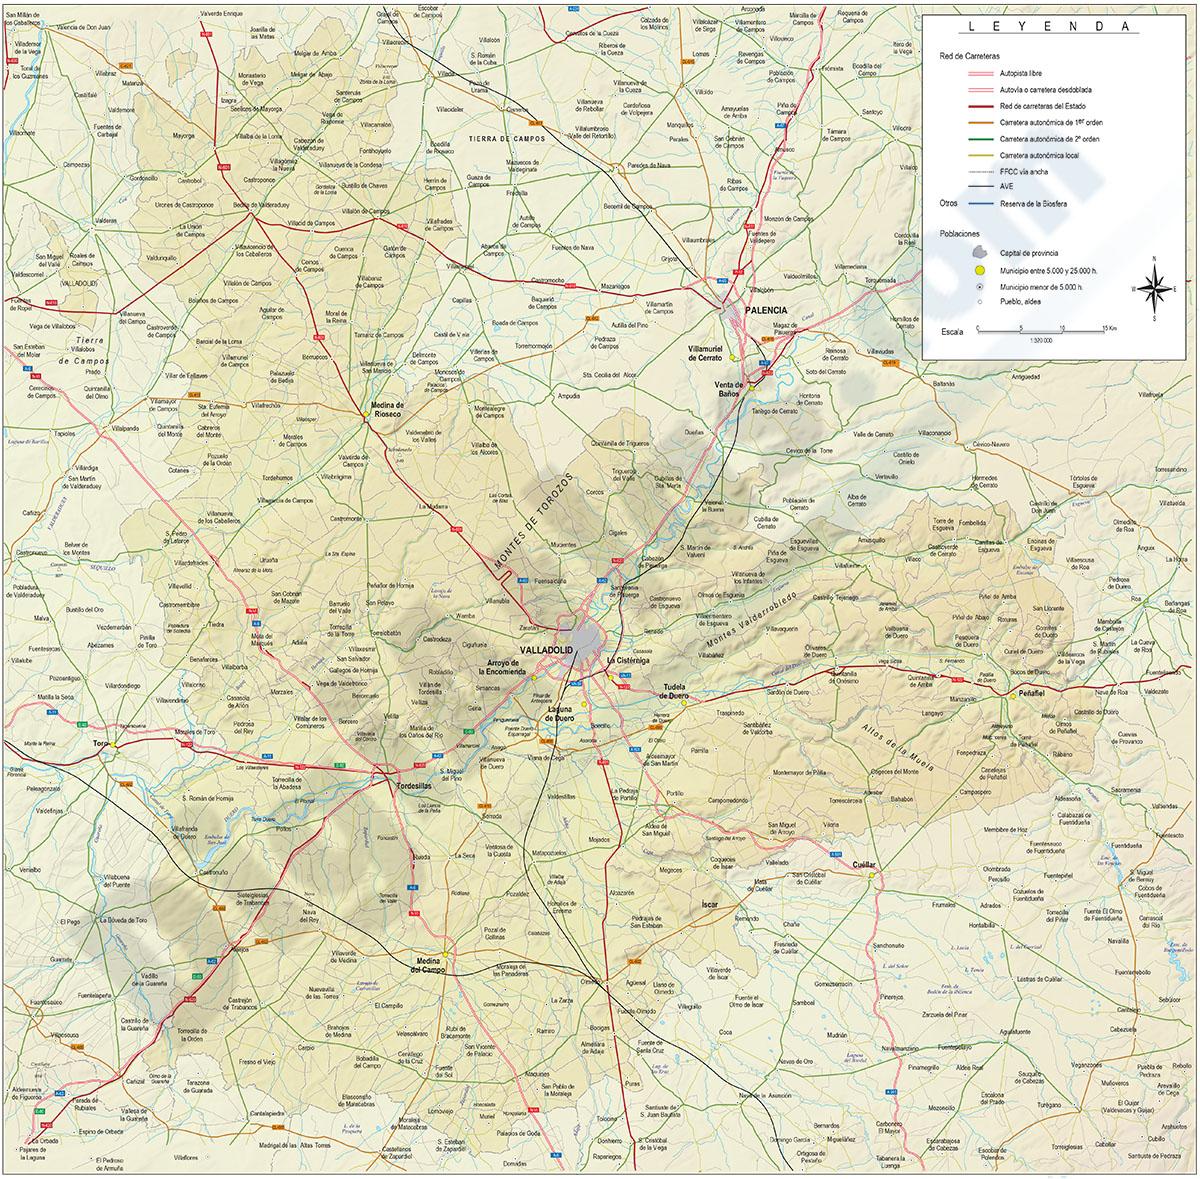 Mapa de la provincia de Valladolid